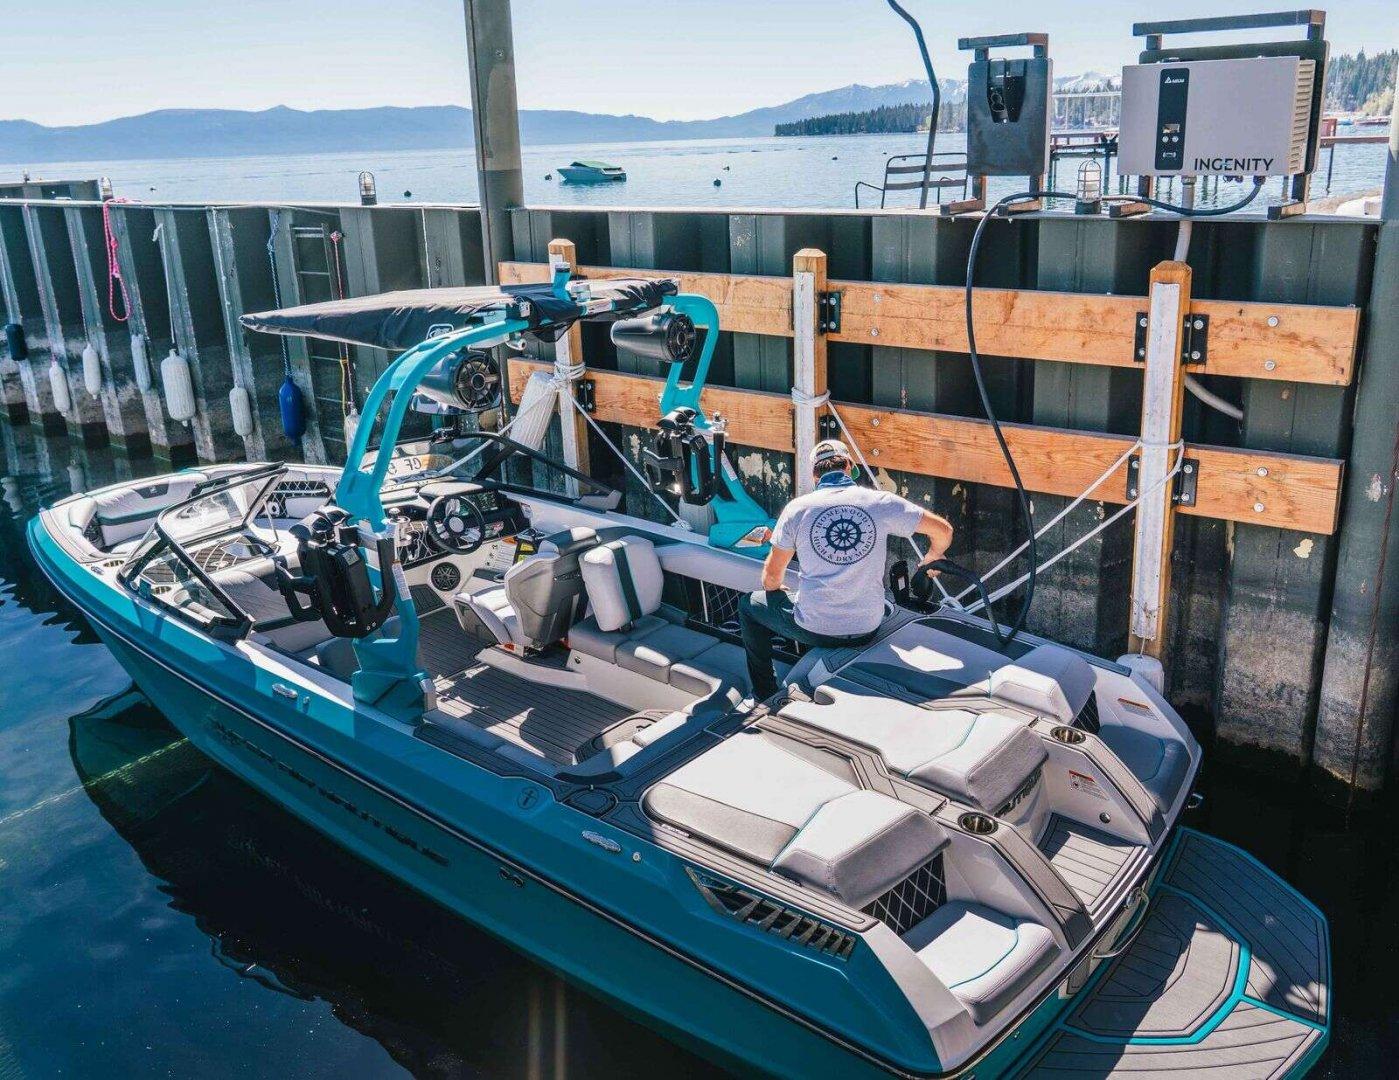 Electric boat sharging station image.jpg